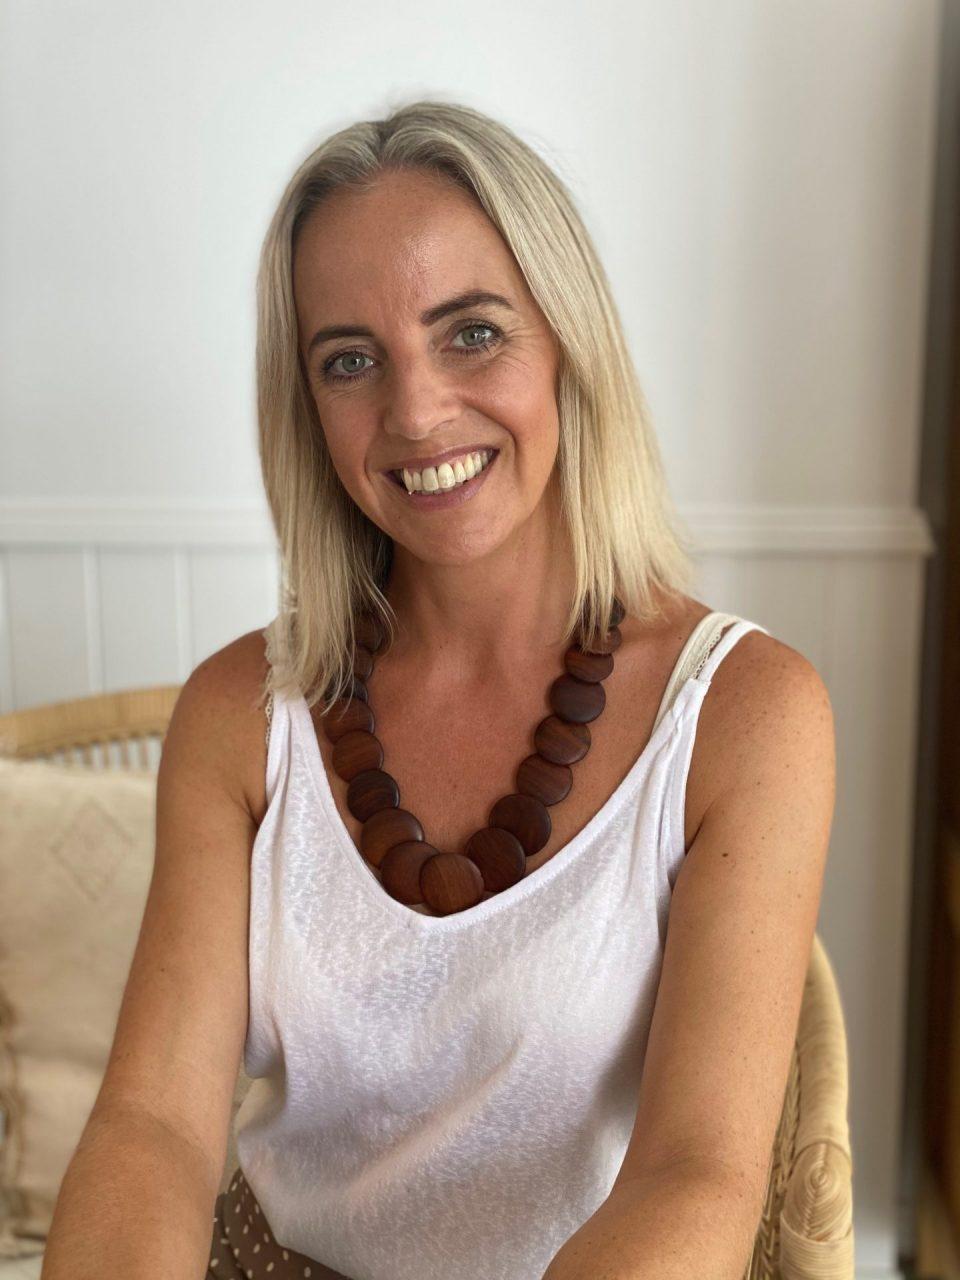 Katie Kirkland, Professional Résumé Writer and Career Coach at Sally Watson